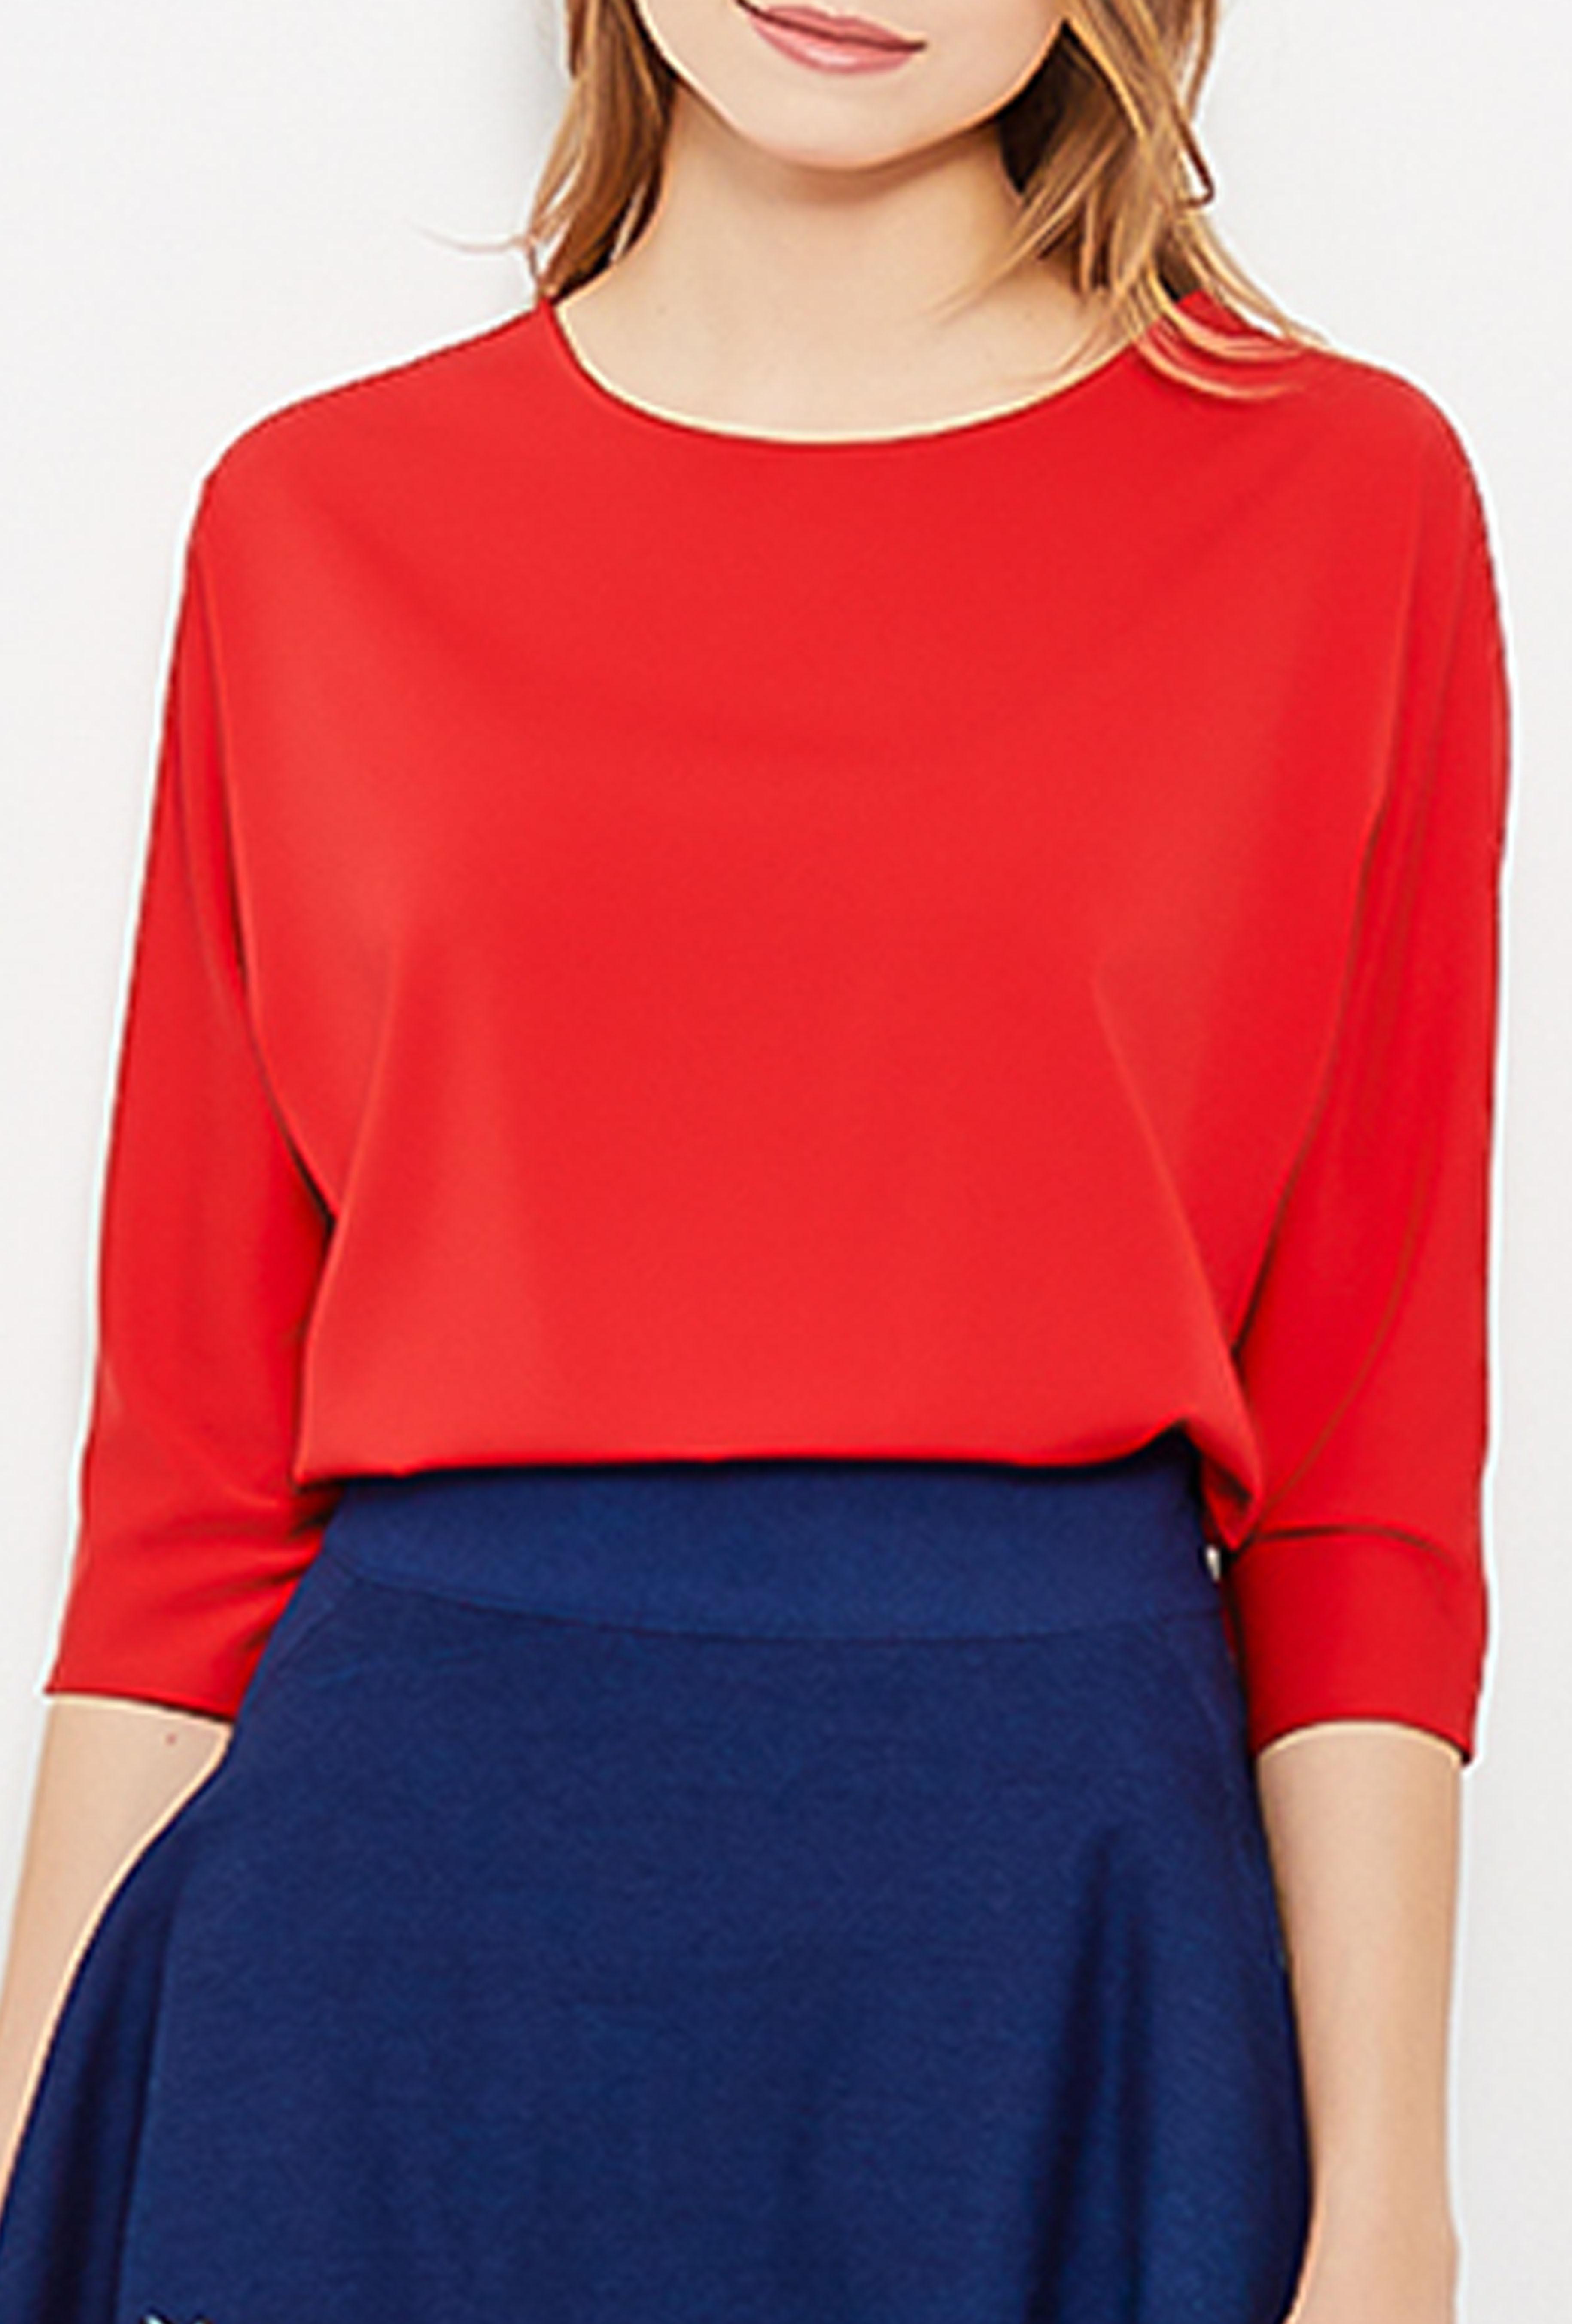 Блузка Летучая мышь (Лето,красный), Белый;бежевый;красный;зеленый;синий;розовый